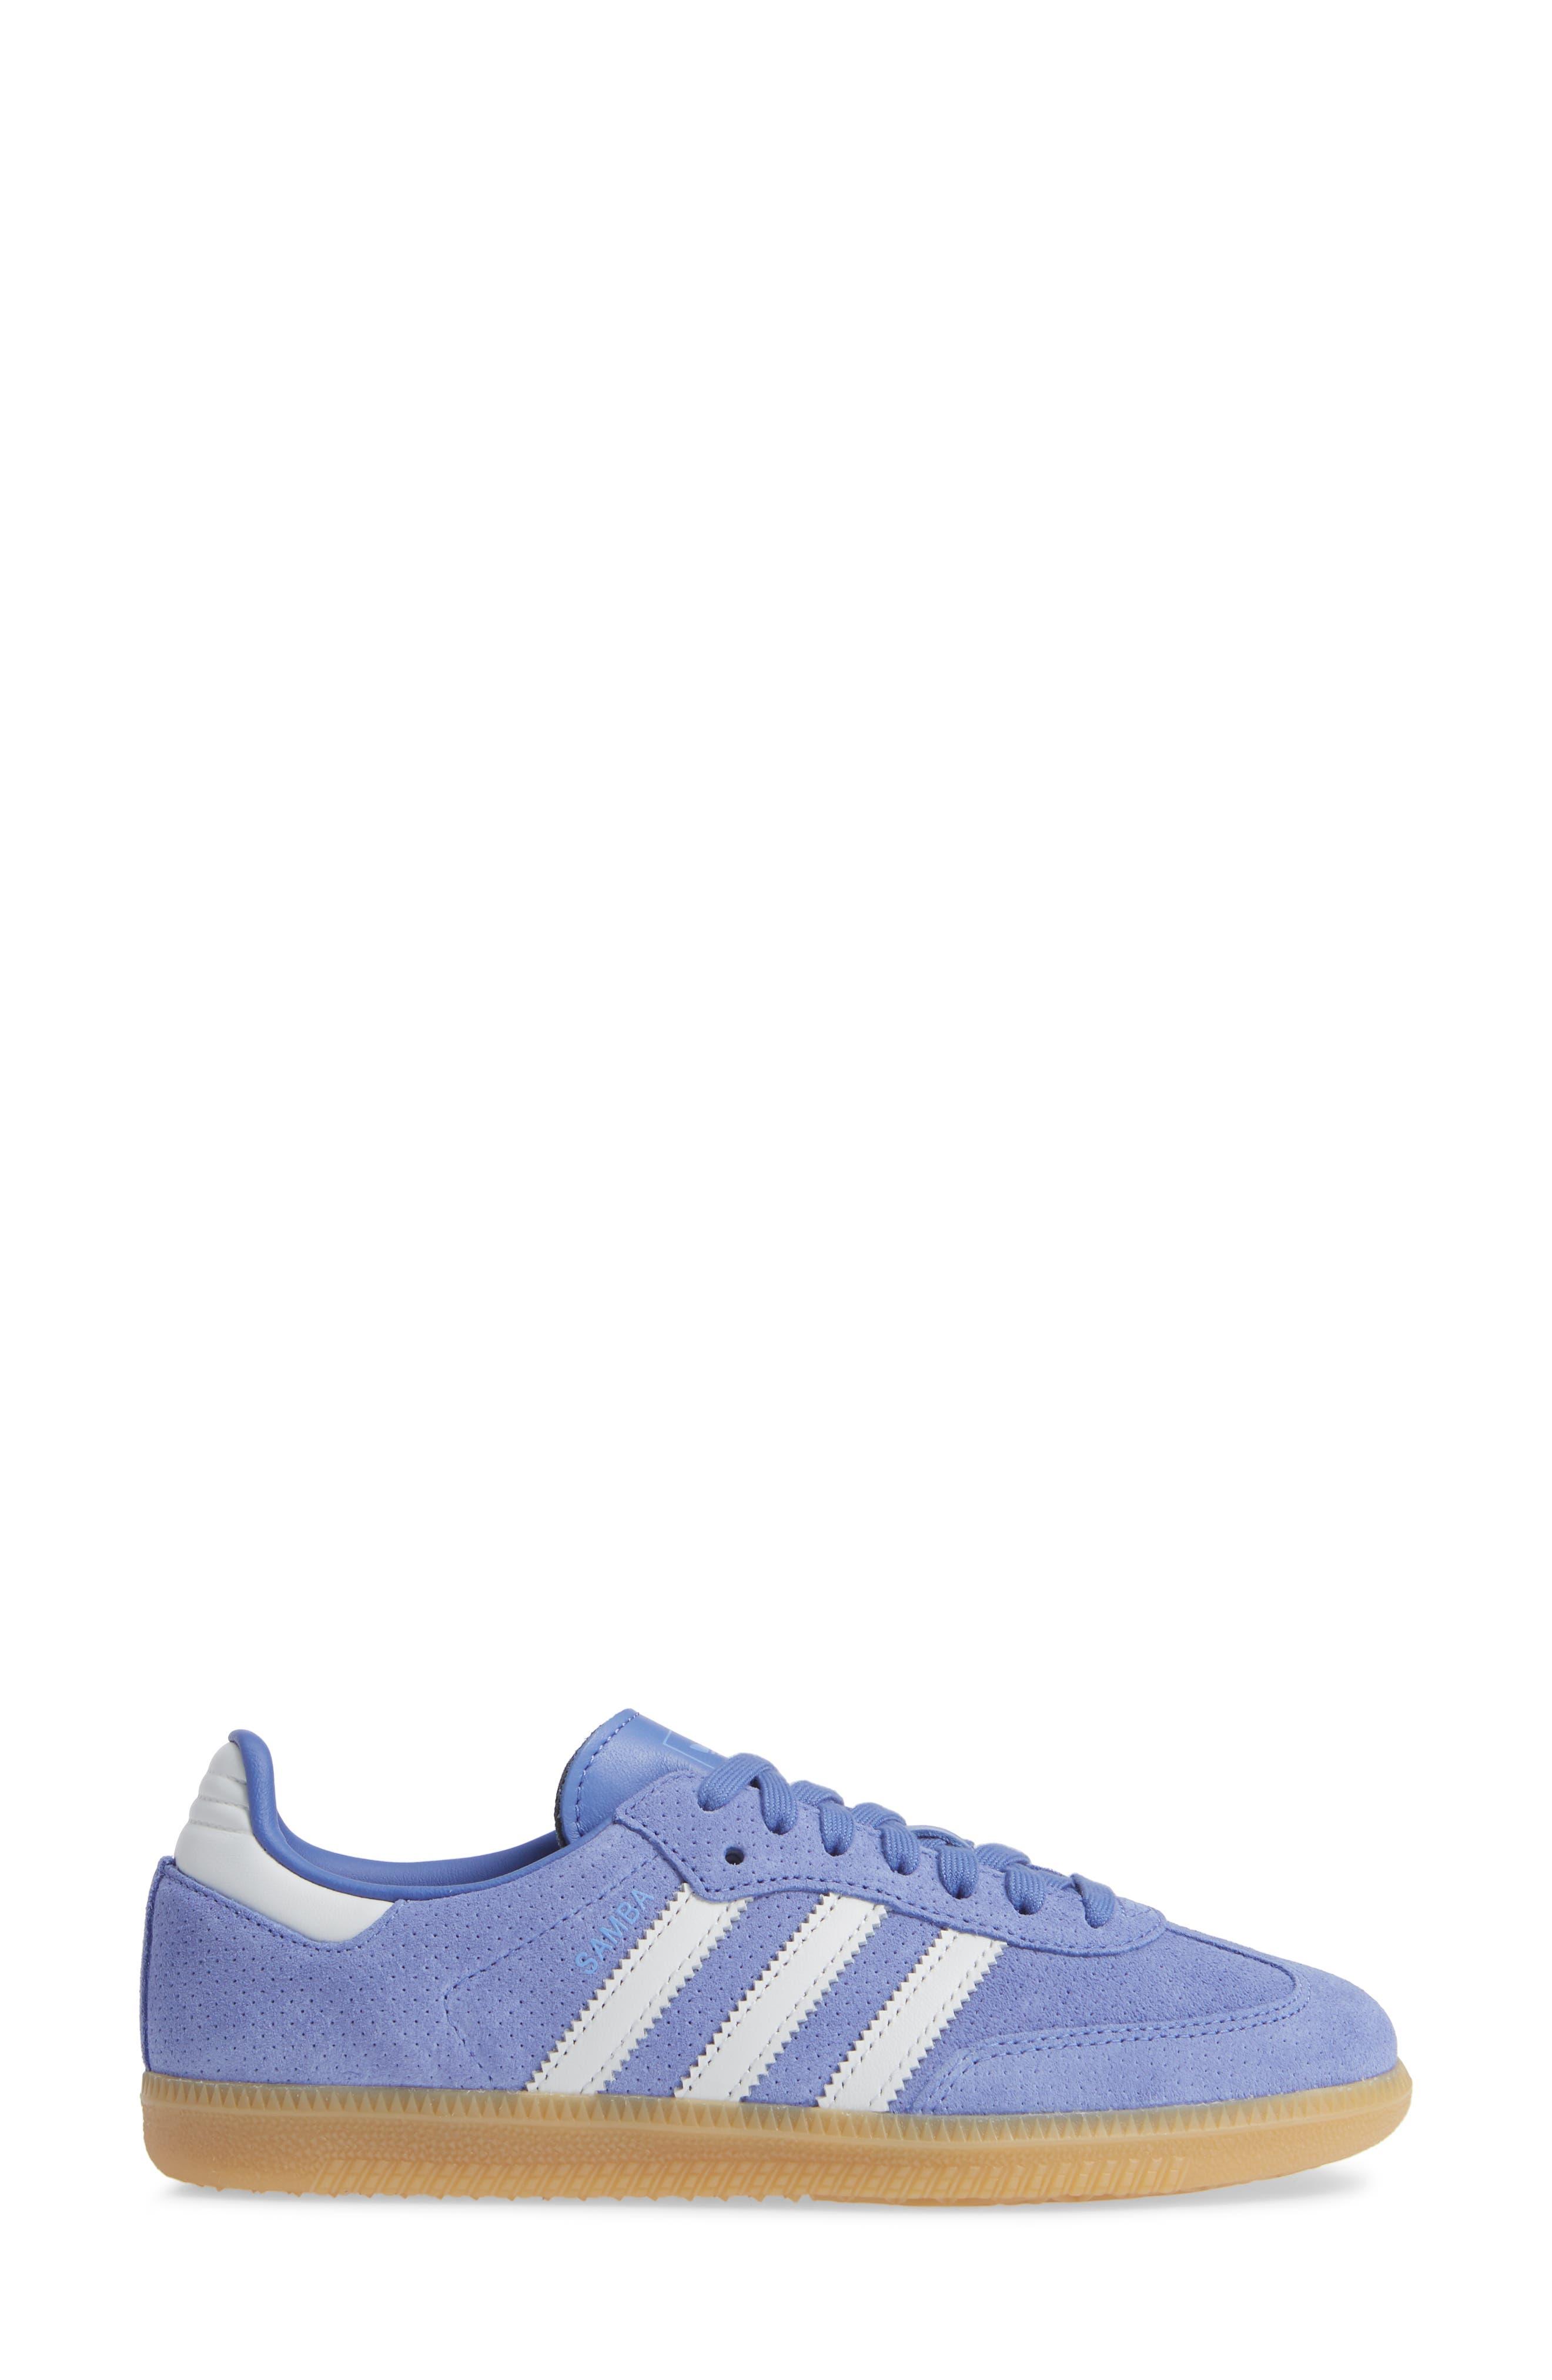 Samba OG Low Top Sneaker,                             Alternate thumbnail 3, color,                             536